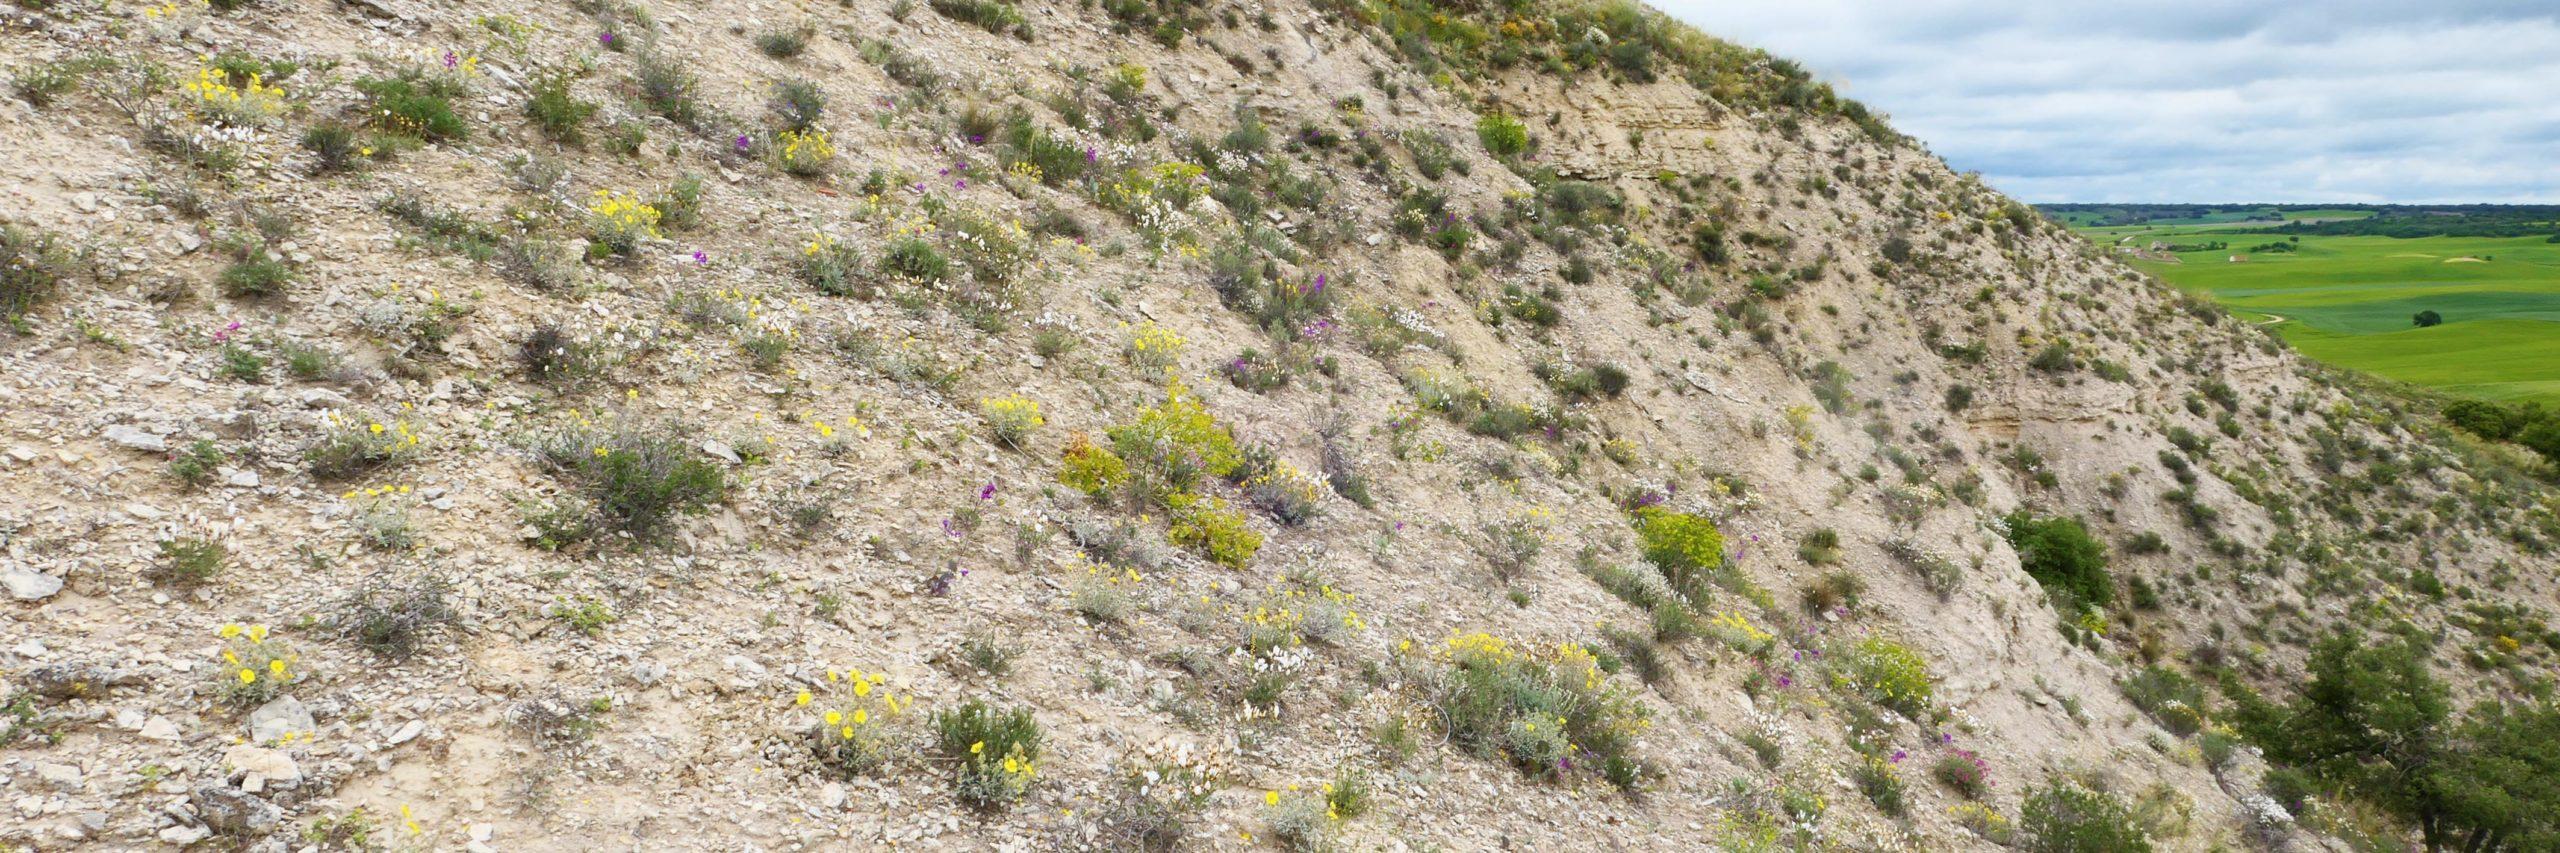 Flora y Habitats